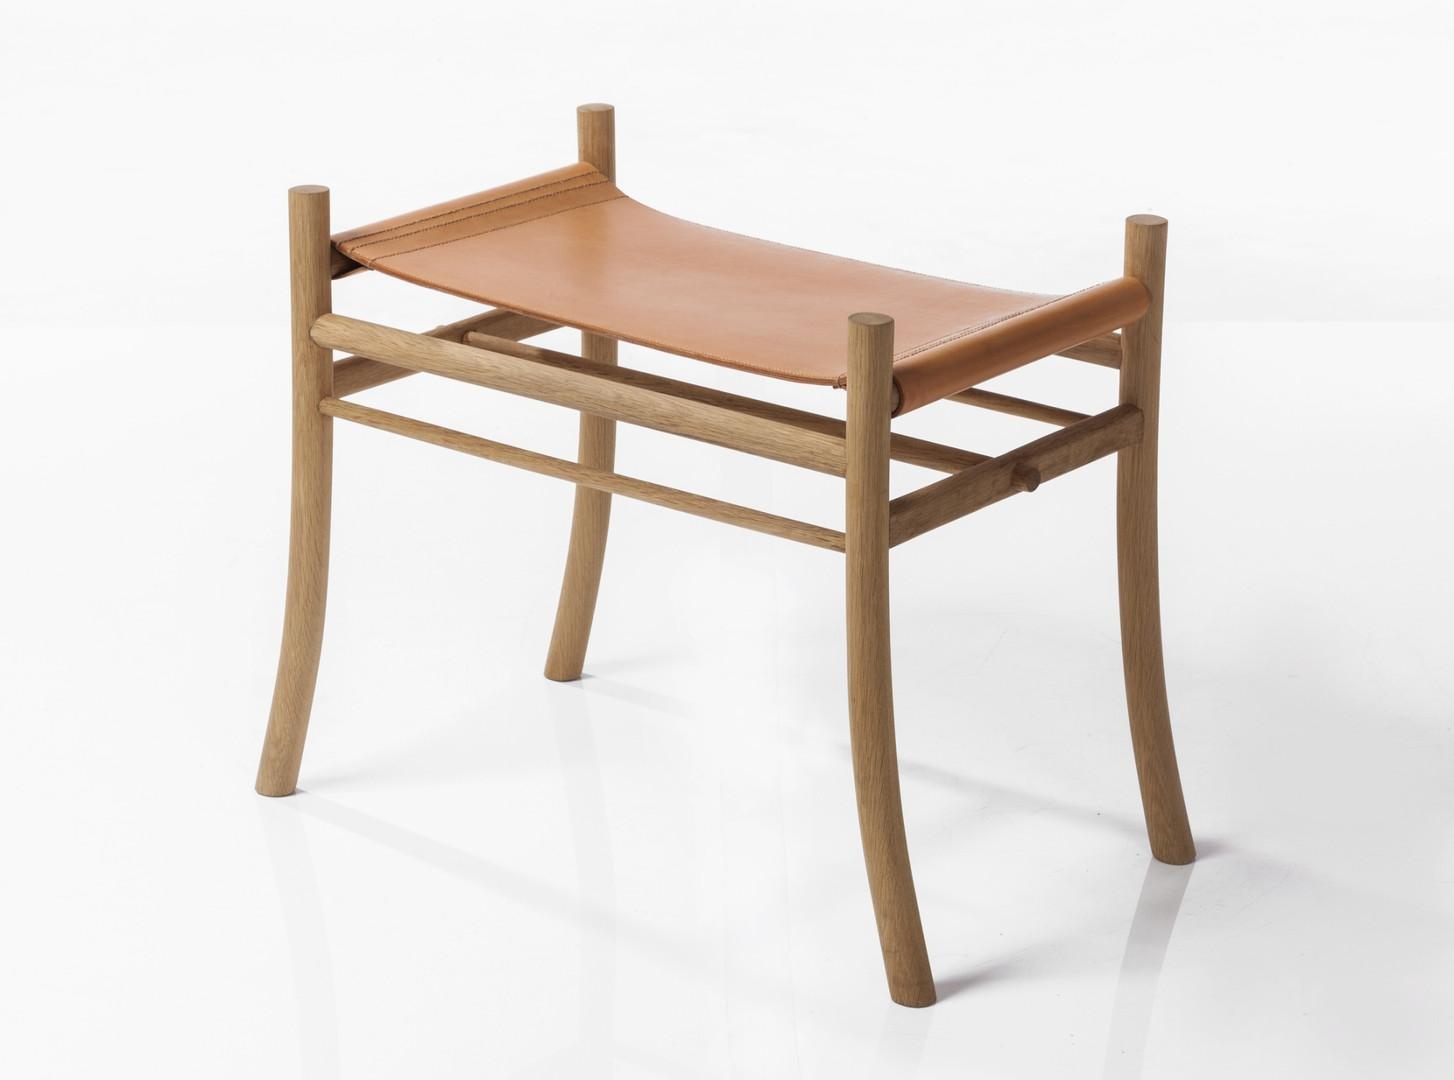 nk chair_180730_0008.jpg